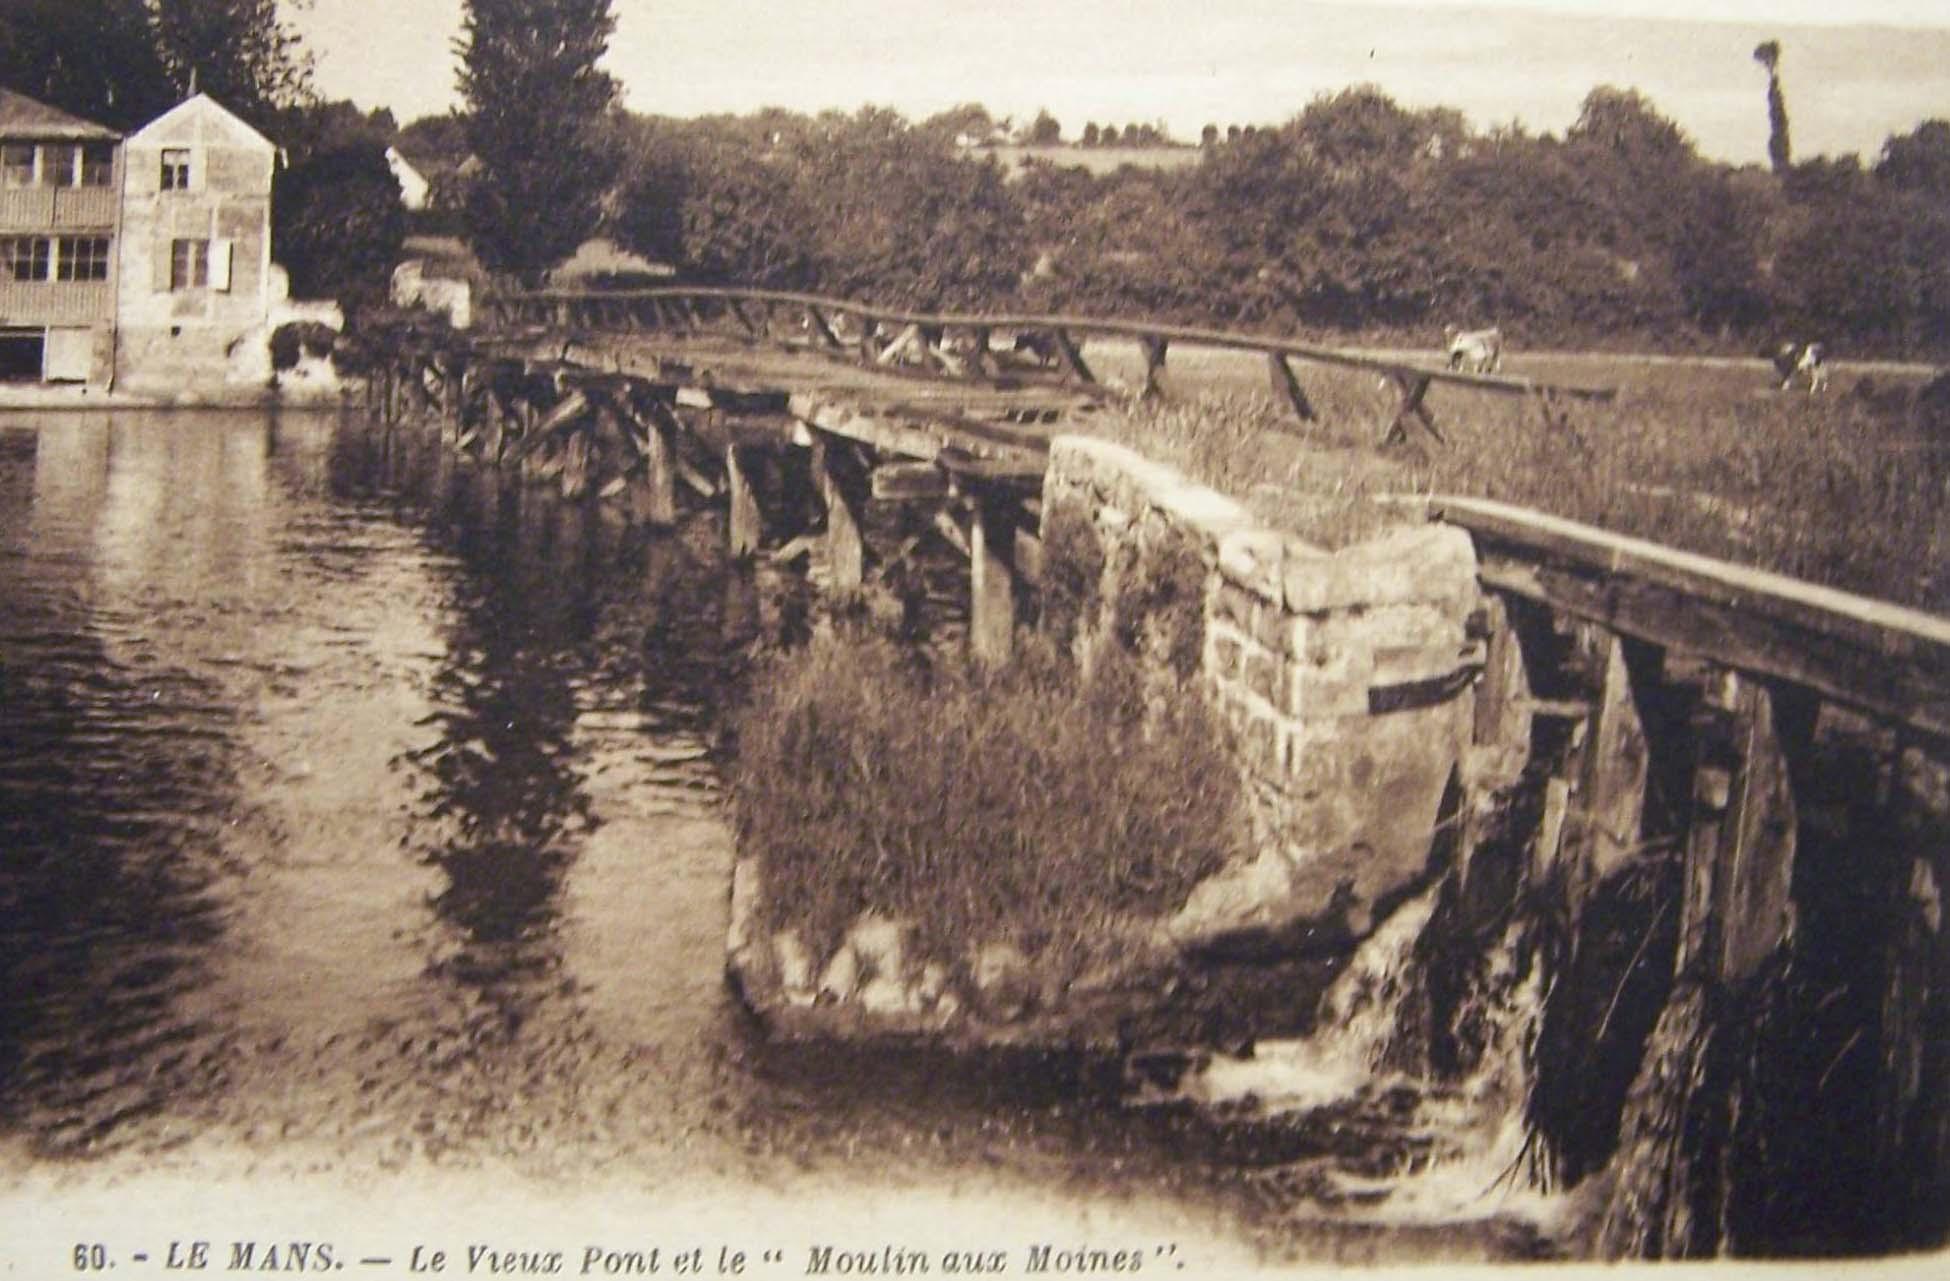 Le Mans - Le Vieux Pont et le Moulin aux Moines